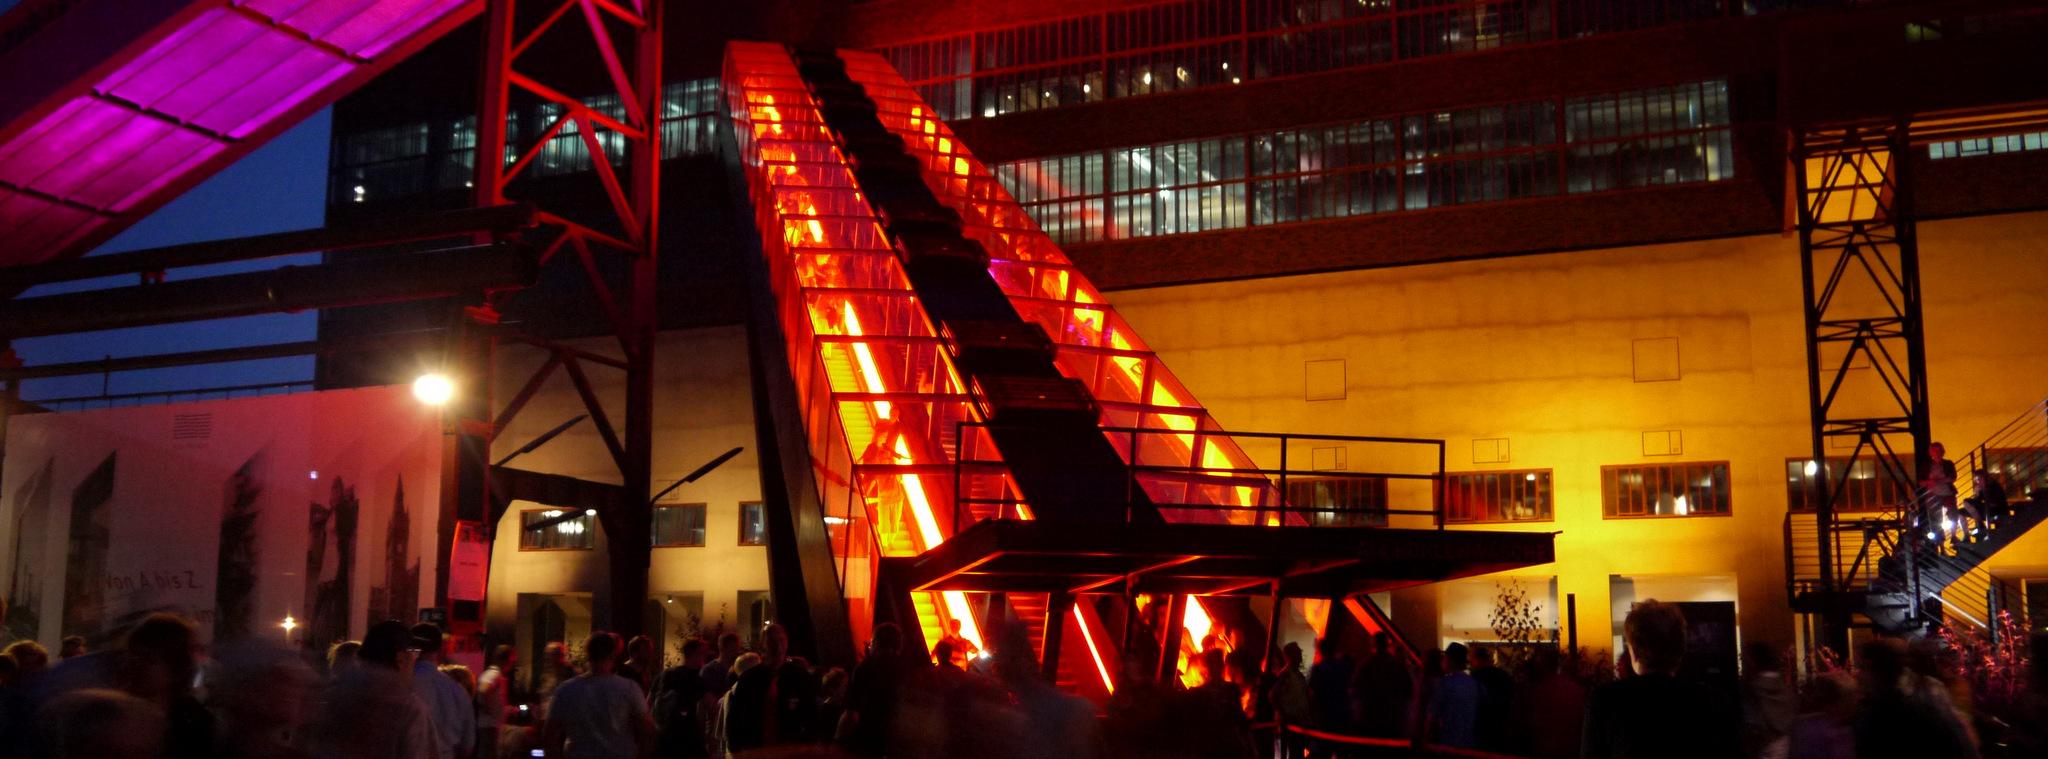 Extraschicht 2013 – Pflichtprogramm im Ruhrgebiet